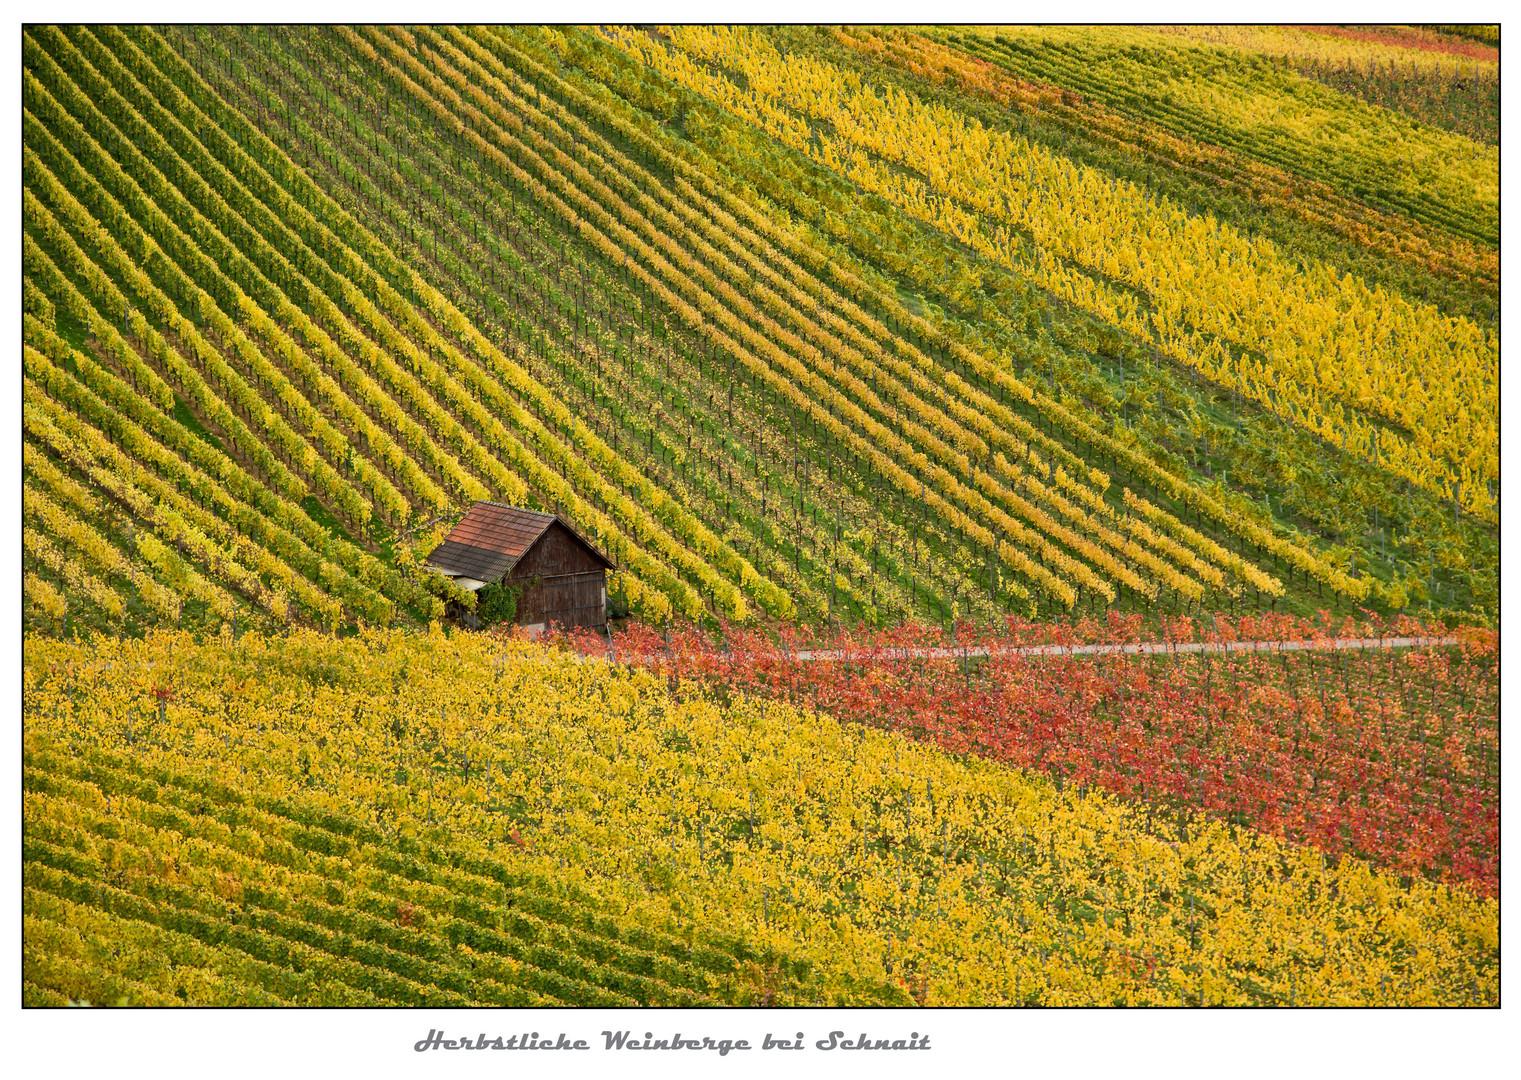 Herbstliche Weinberge bei Schnait